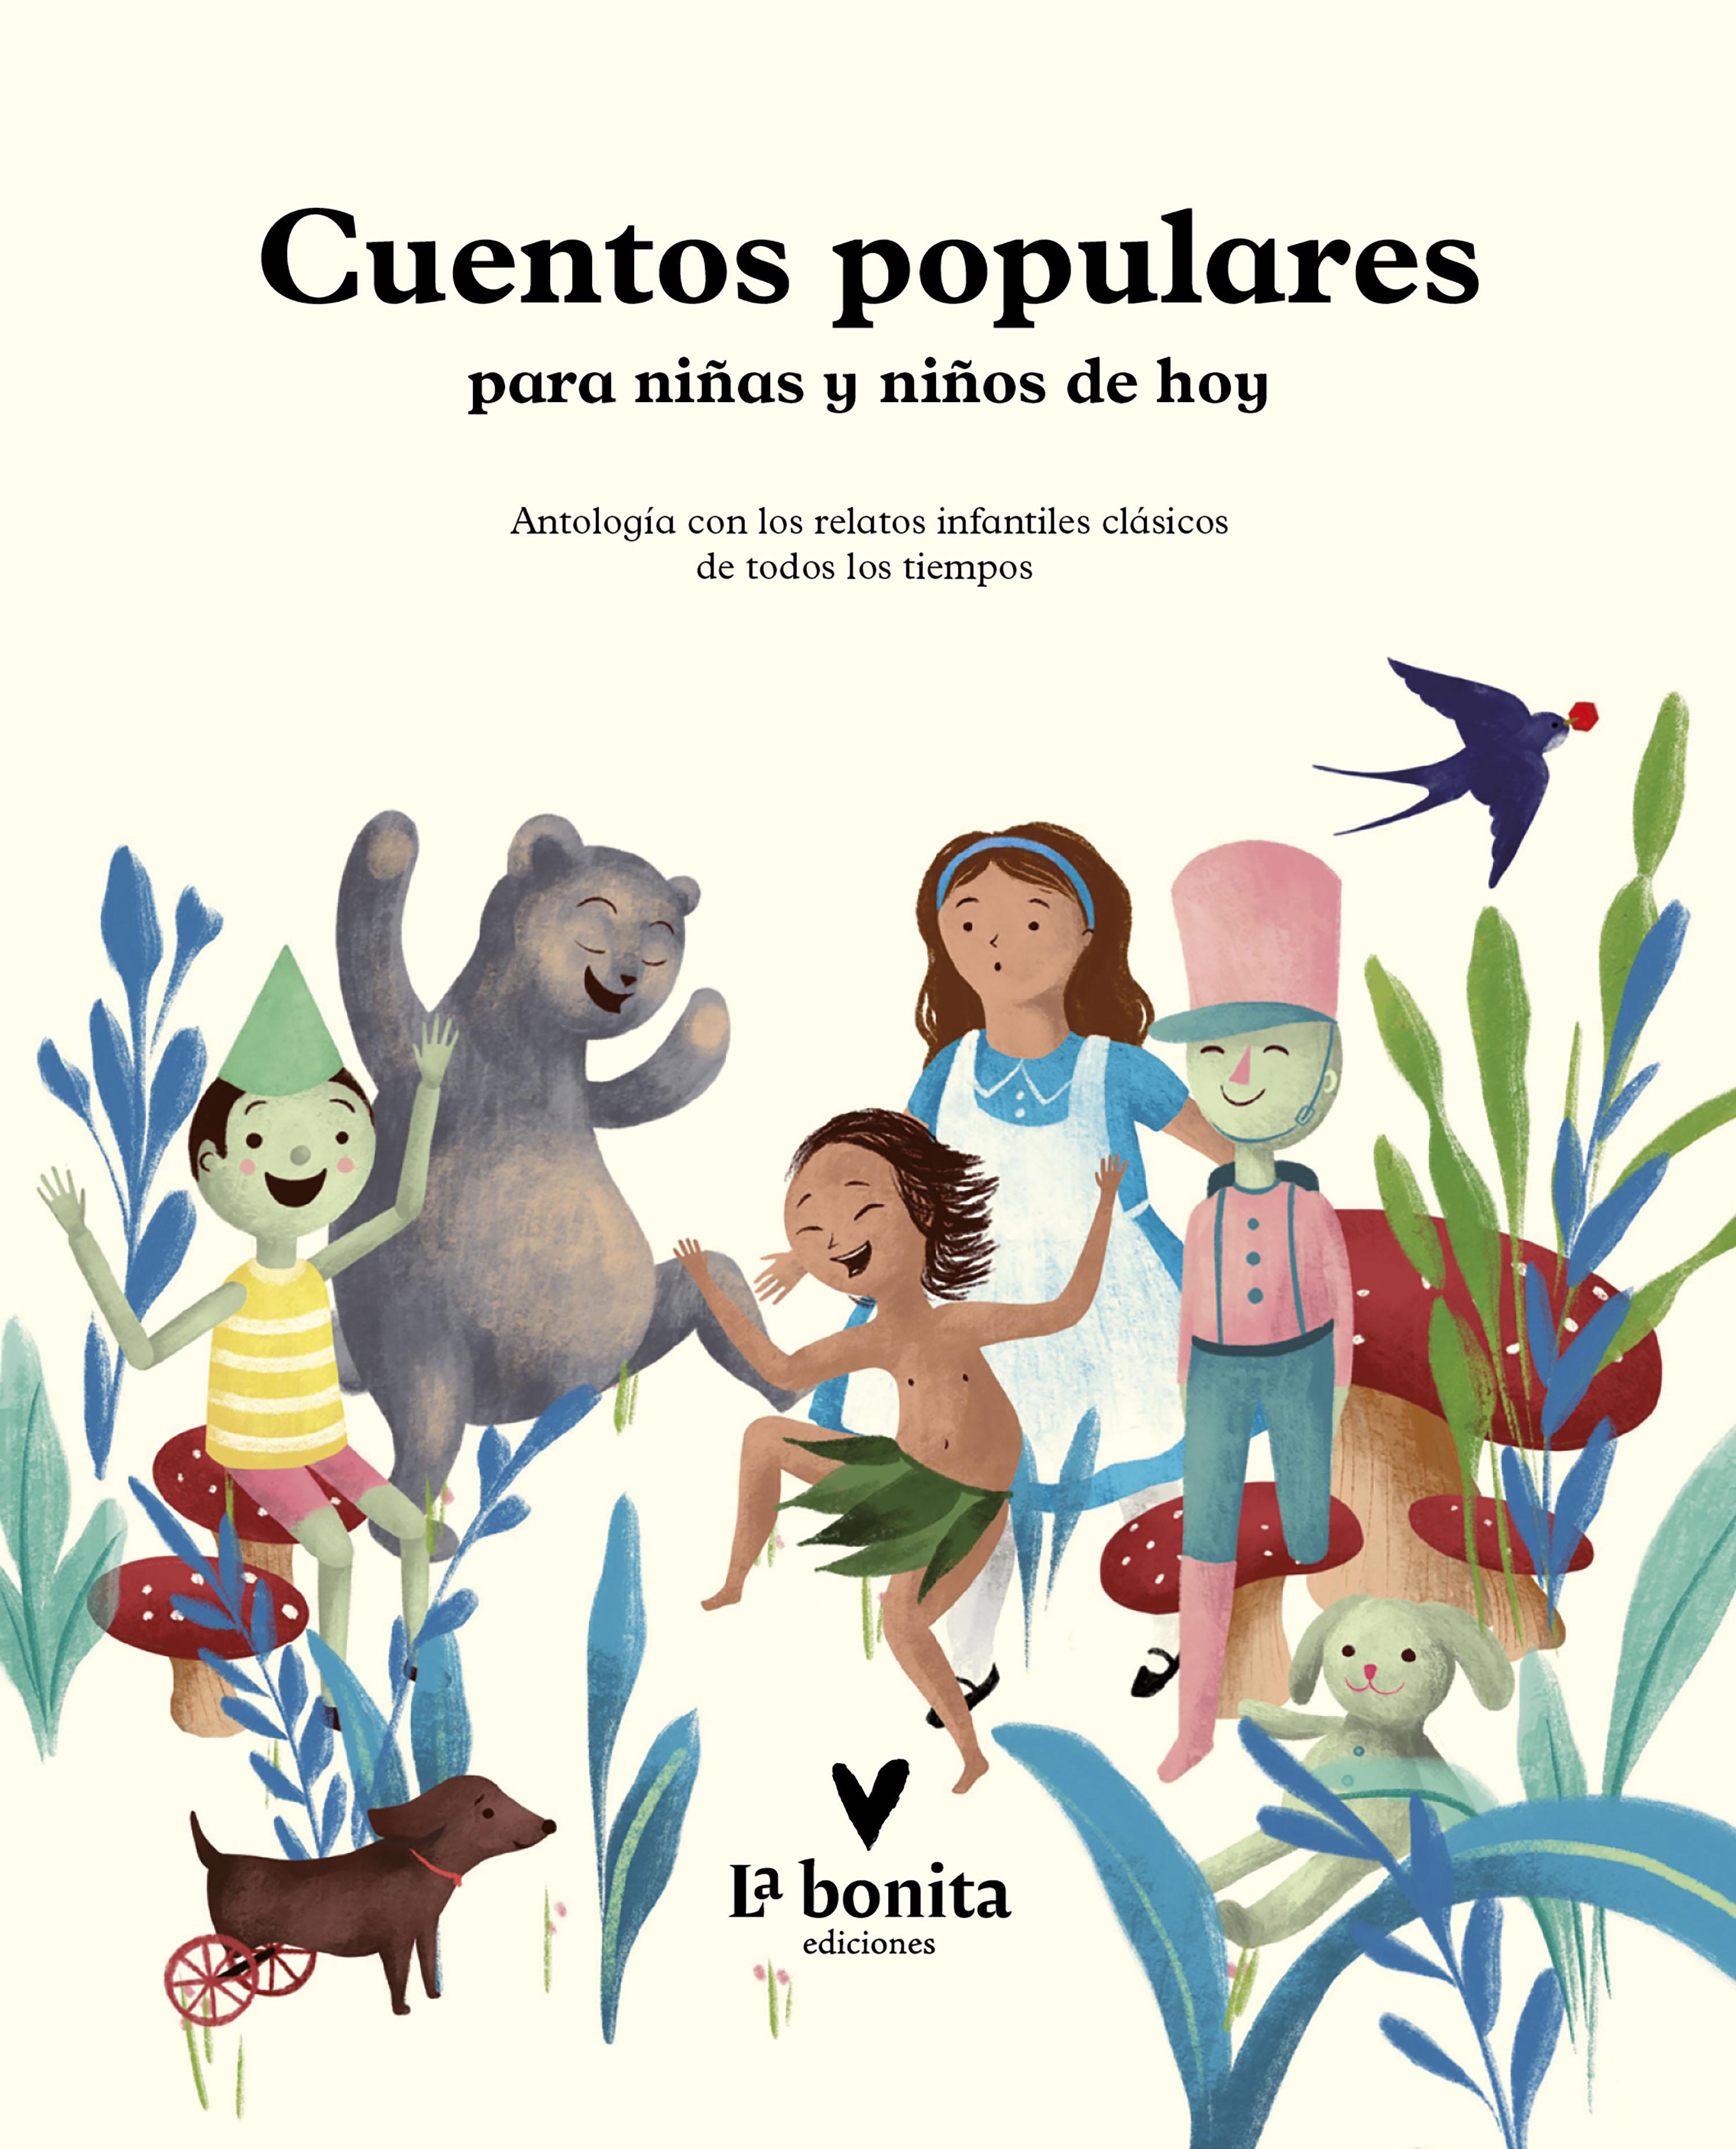 Cuentos Populares: Para niñas y niños de hoy